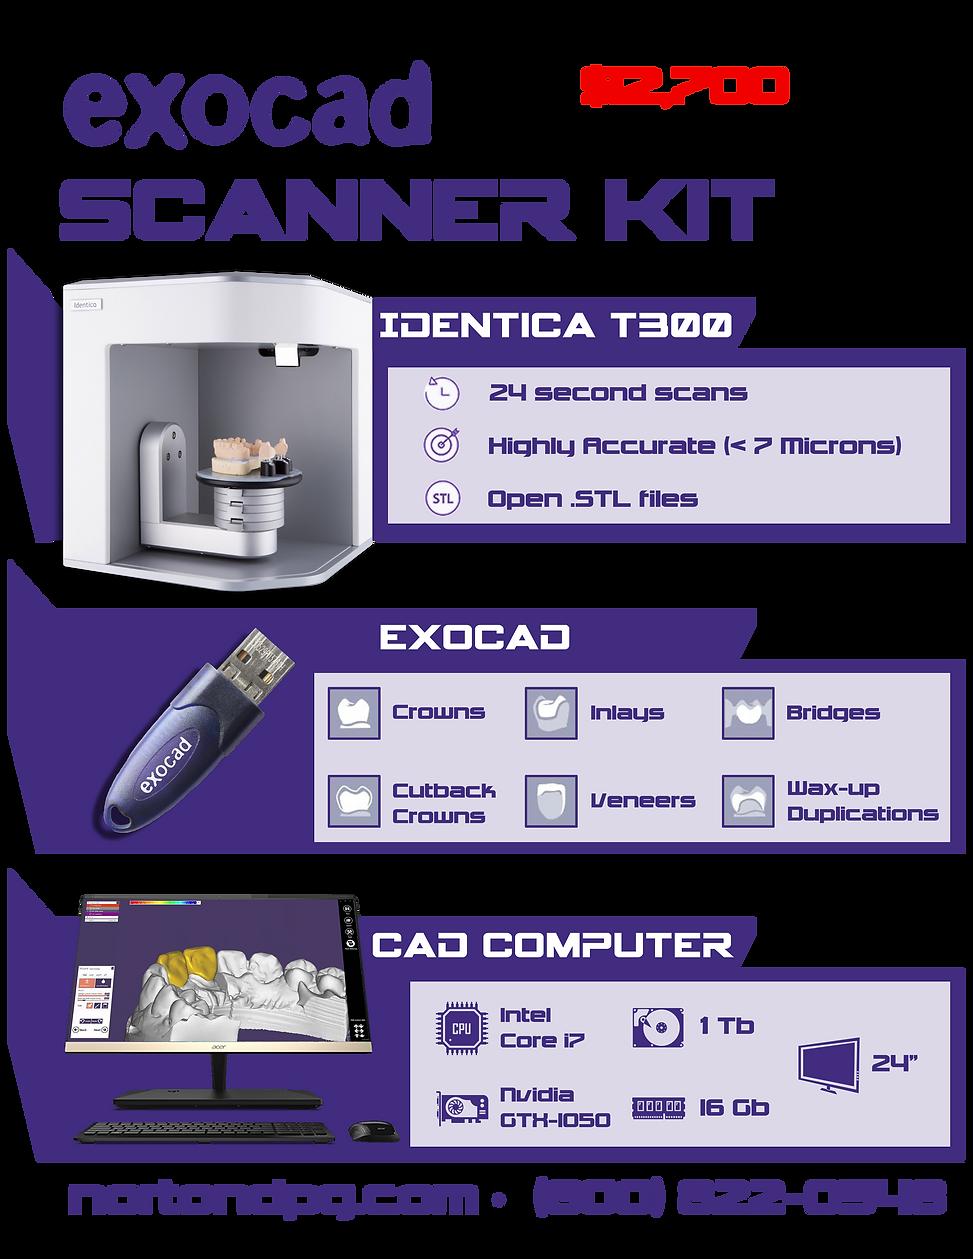 exocad scanner kit web.png